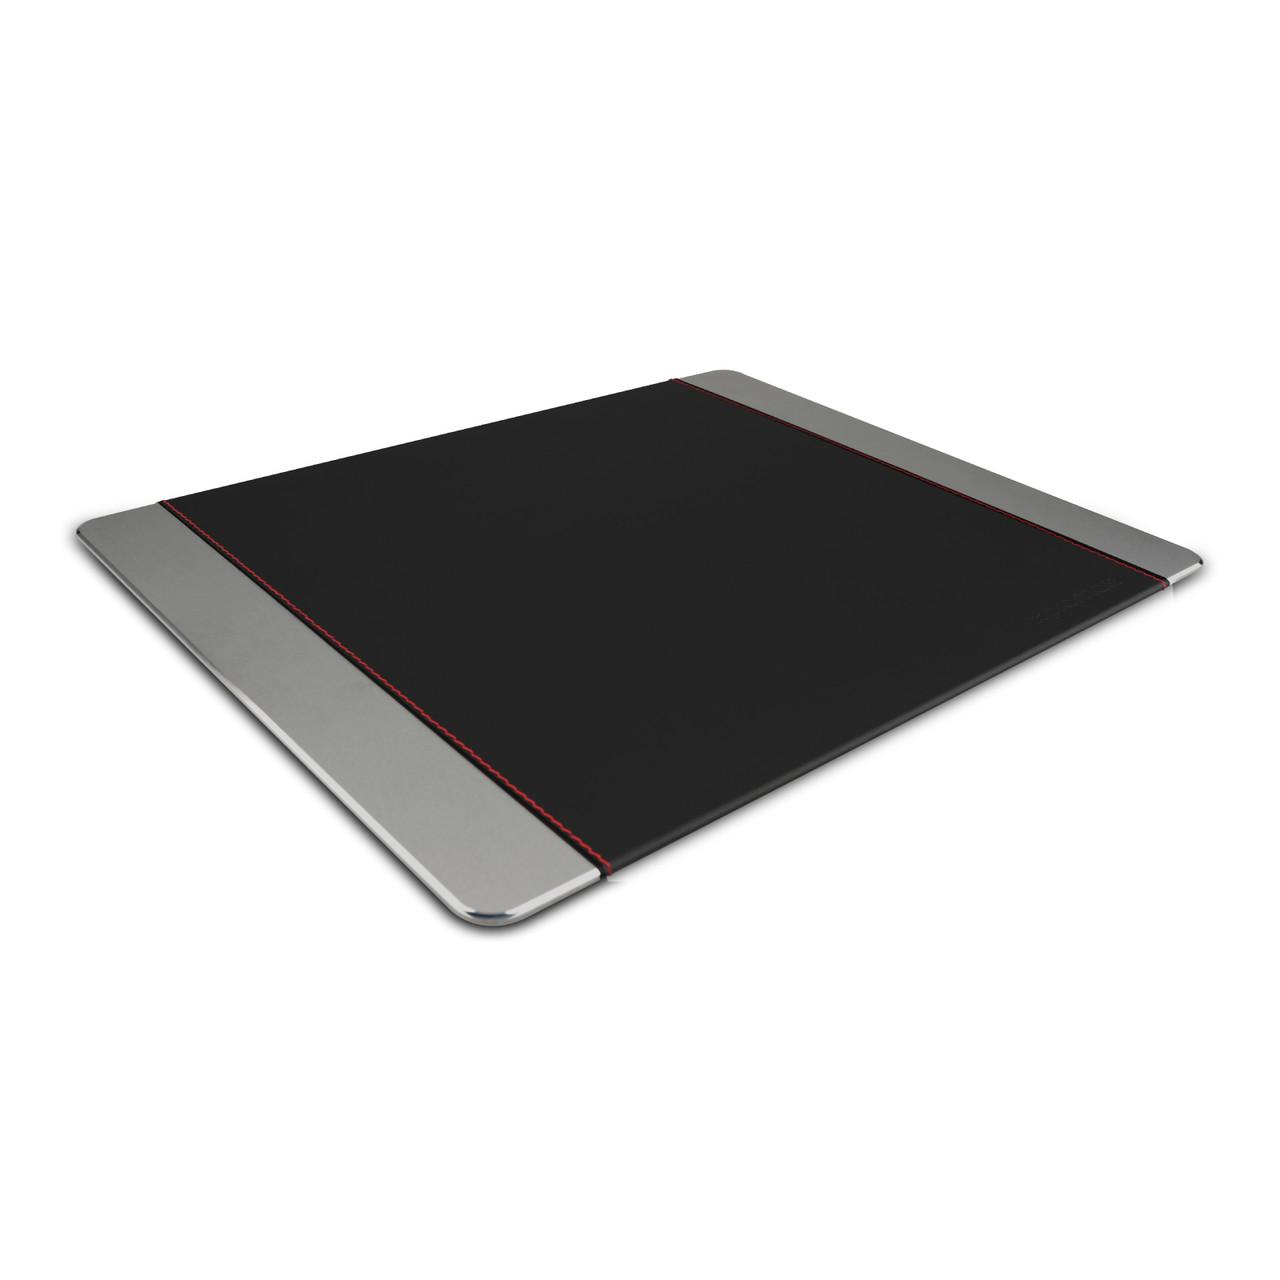 Игровая поверхность Promate metaPad-pro Grey